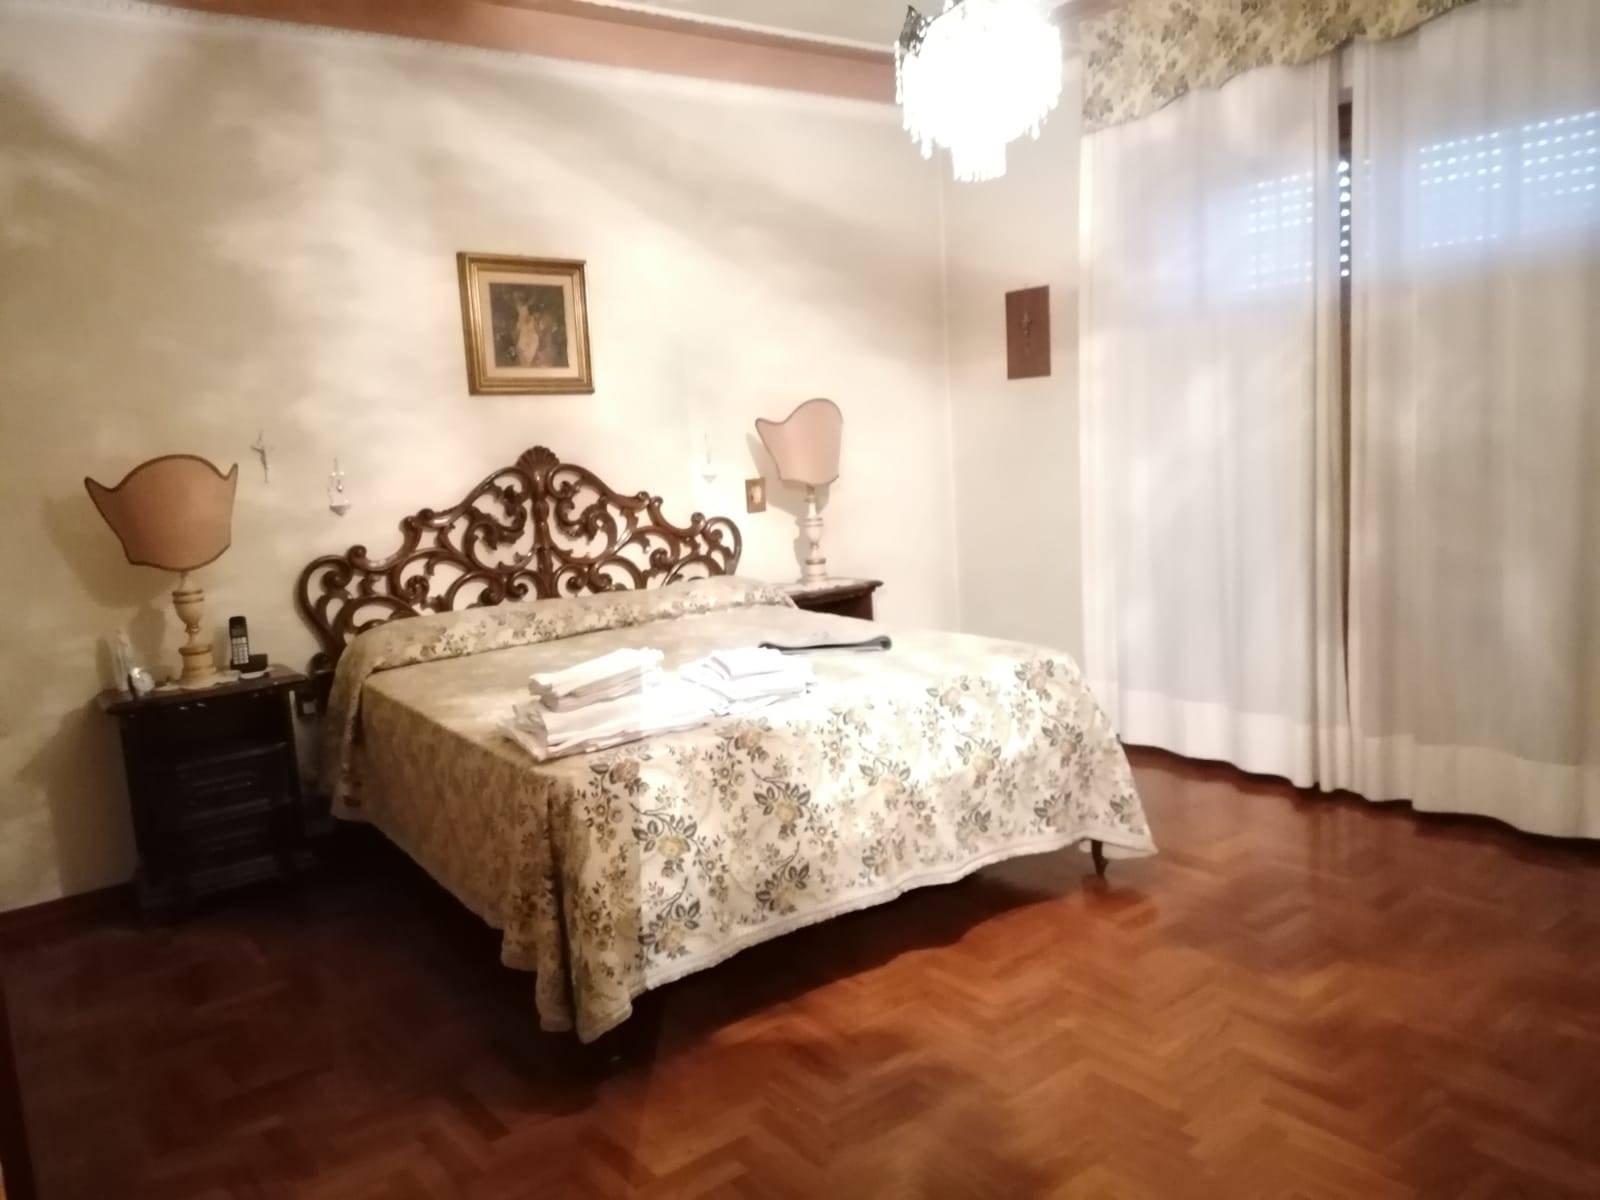 Villa in Vendita a Campi bisenzio zona  - immagine 22